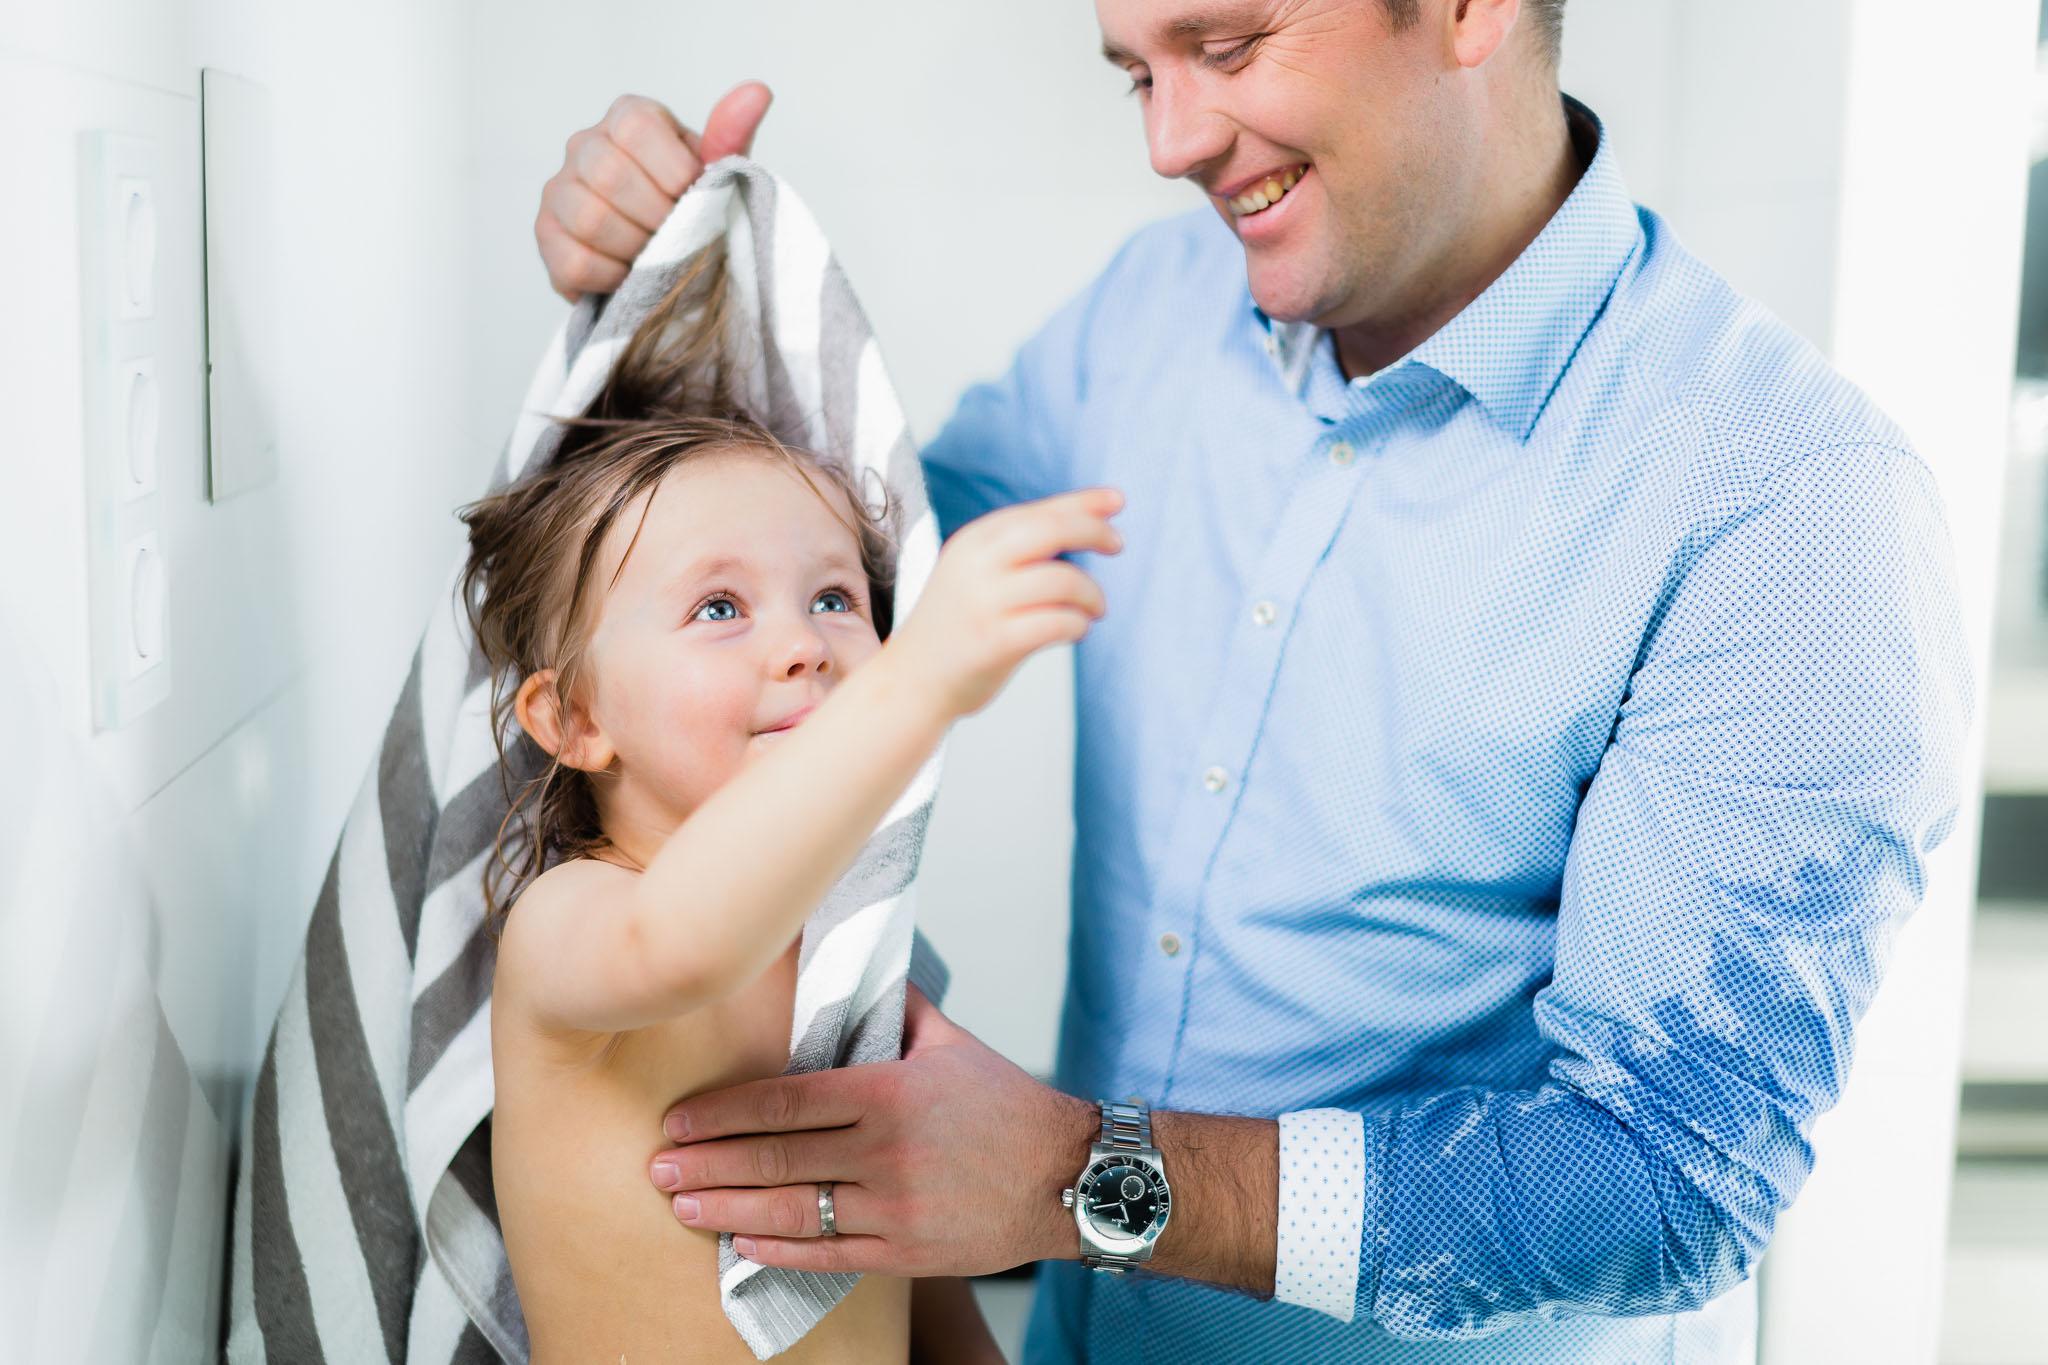 Veden markkinointikuva (isä ja lapsi)